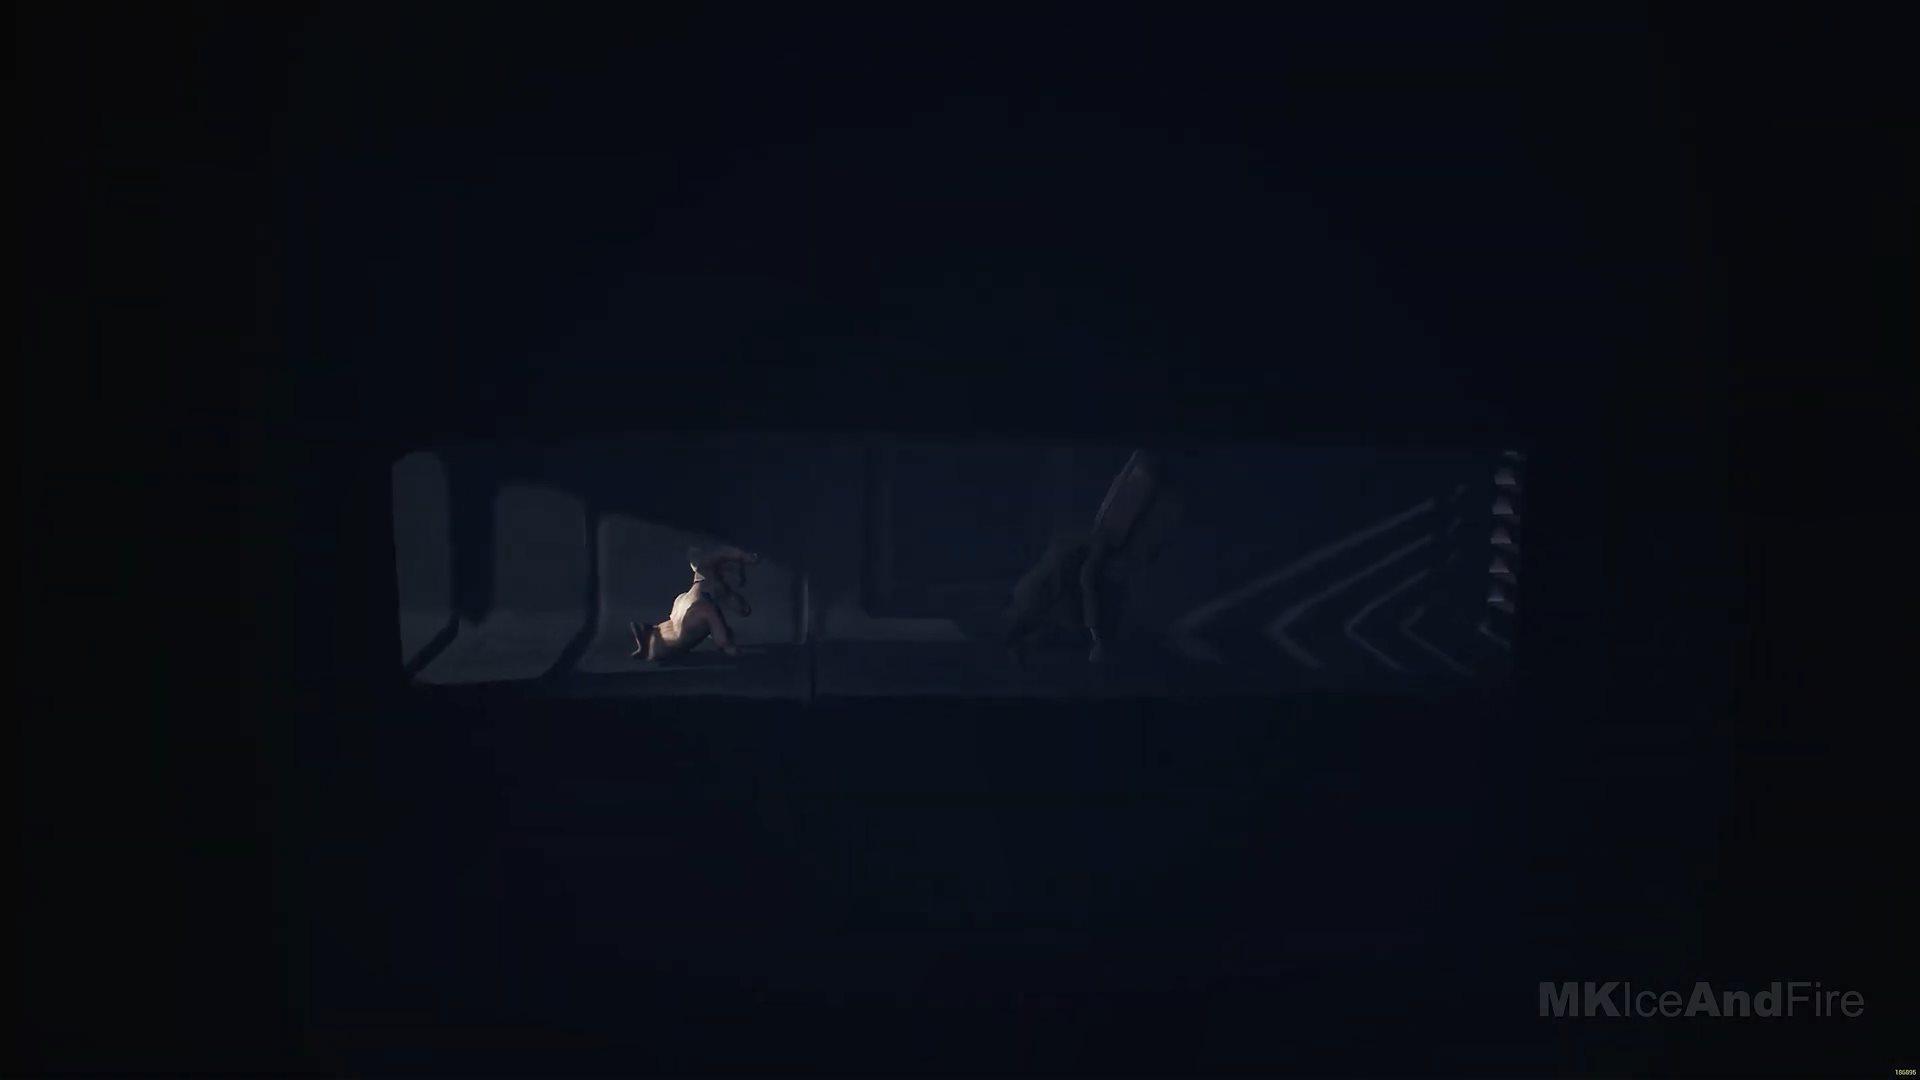 《小小梦魇2》试玩版全程视频 阴暗惊悚风格一如往昔